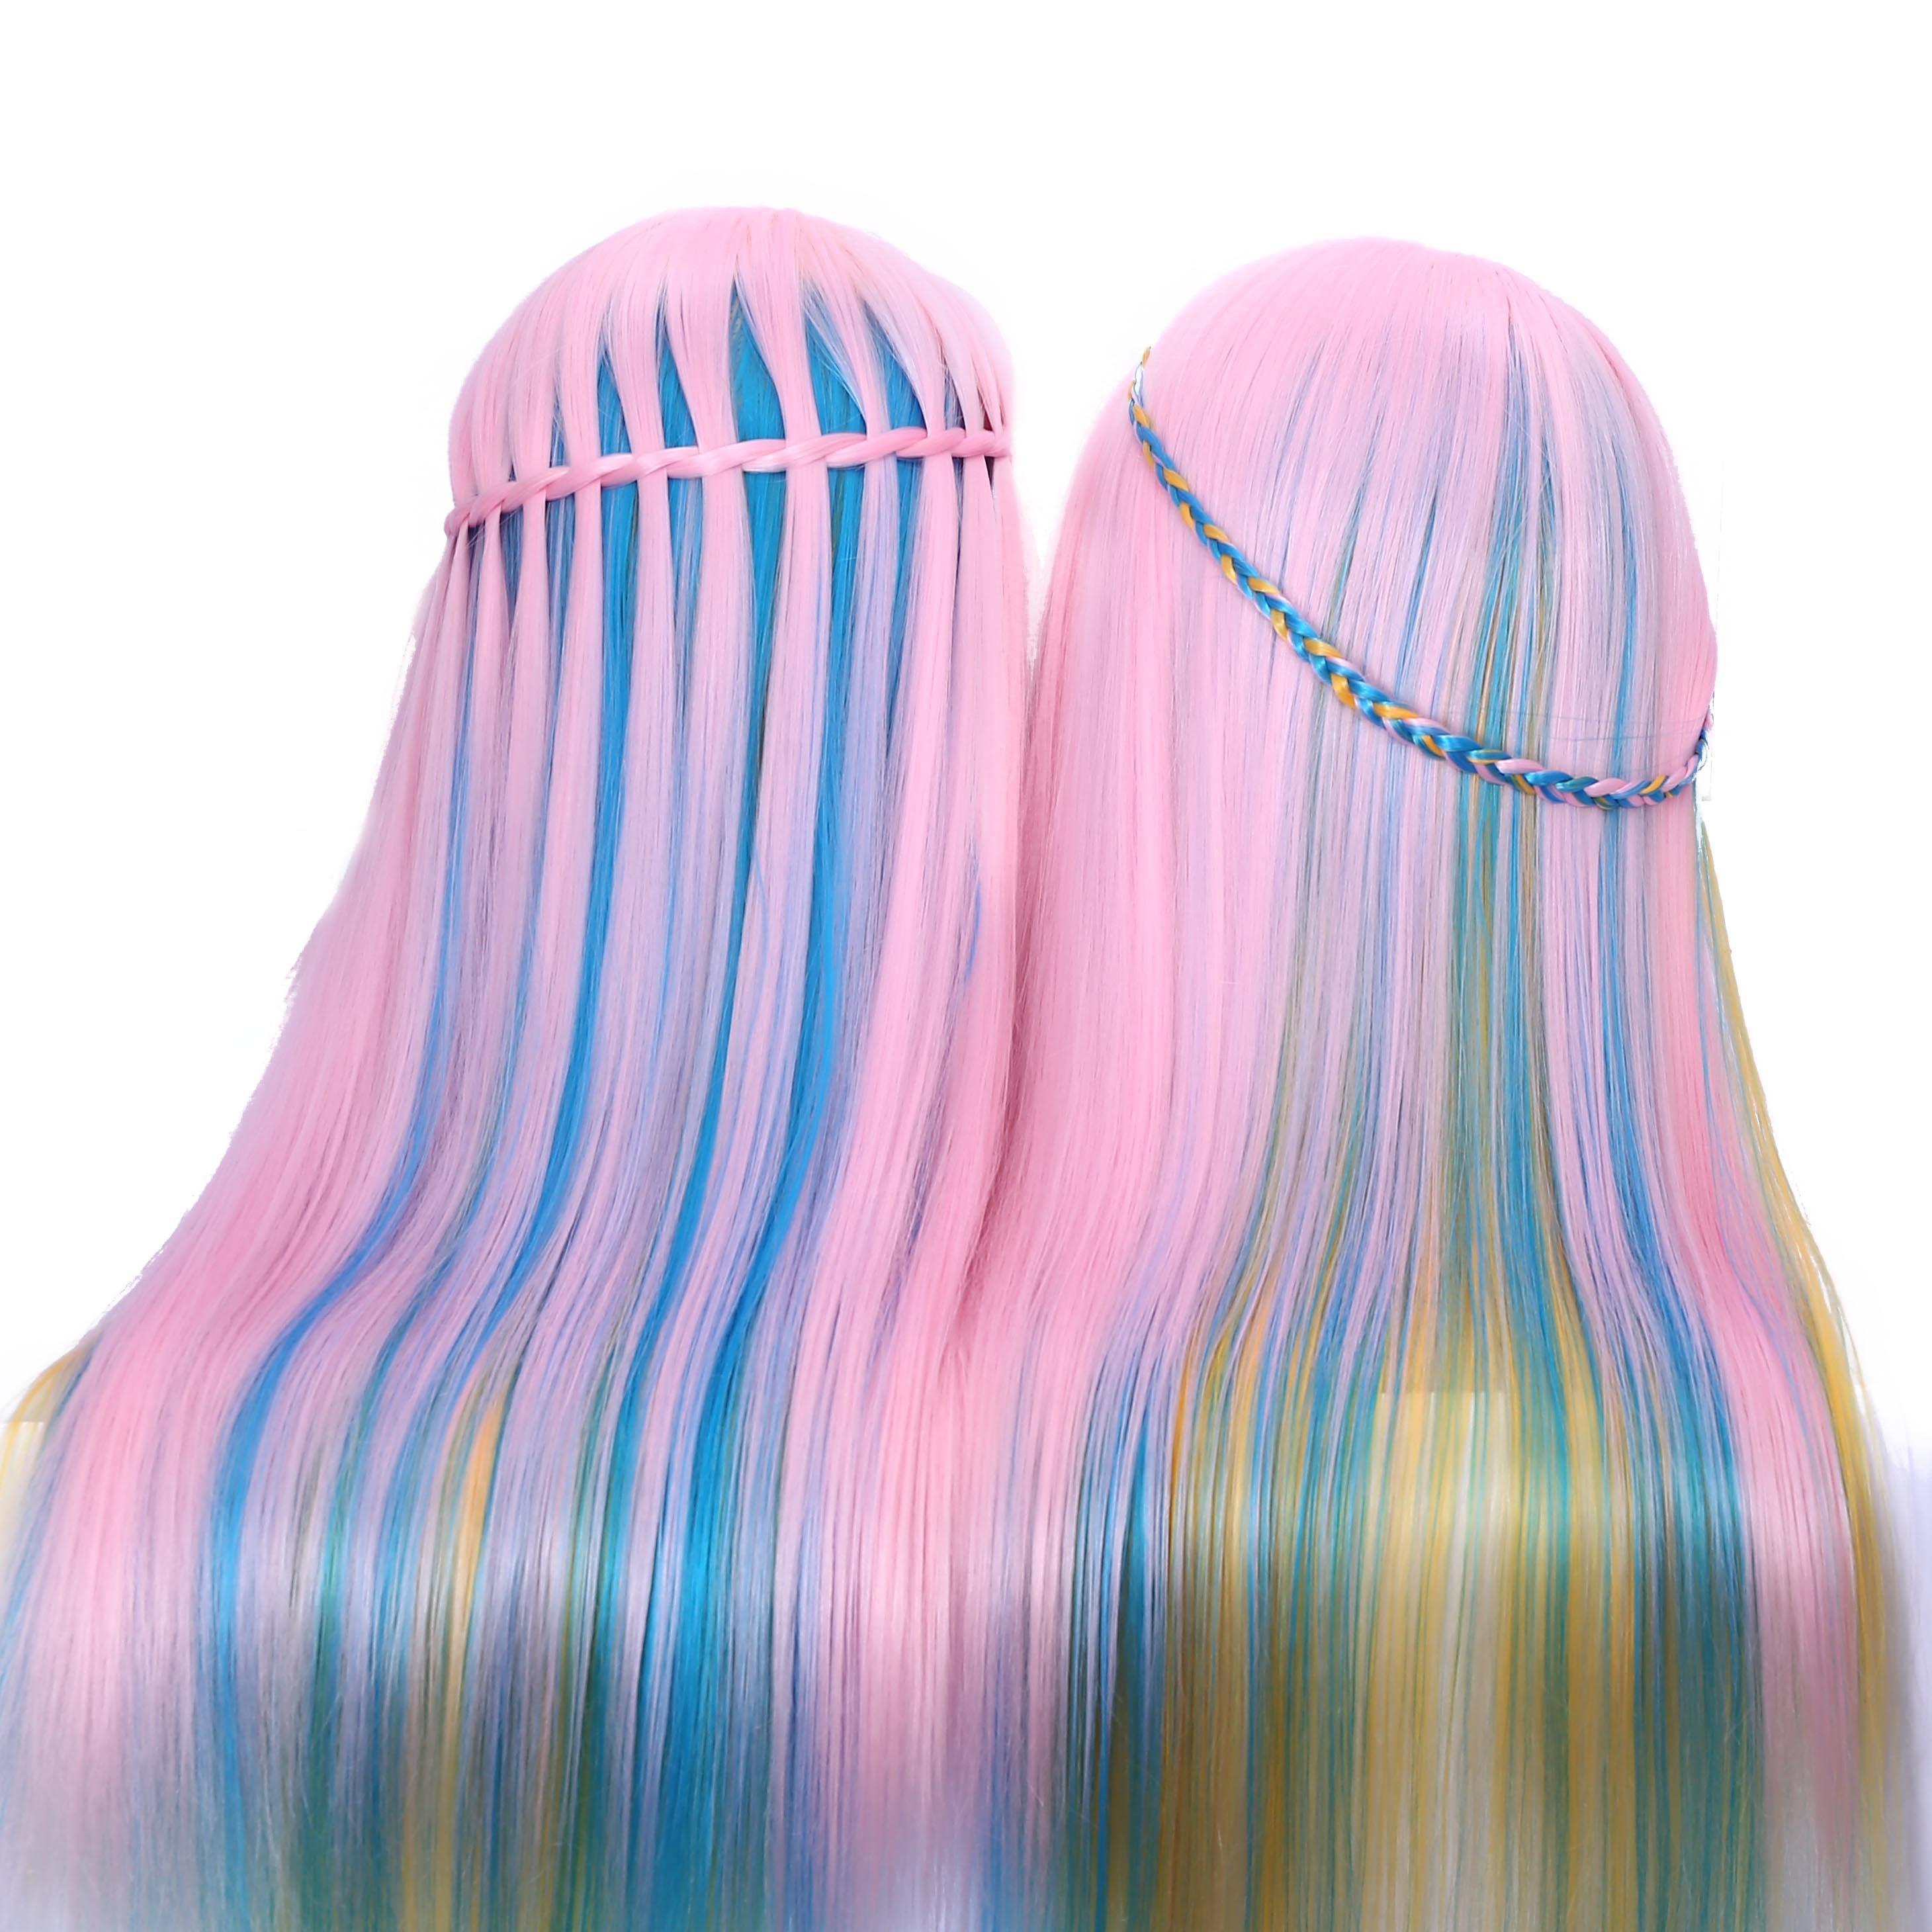 60 см синтетические волосы Парикмахерская учебная голова манекен голова среза салон Практика Модель для парикмахеров Радуга голова